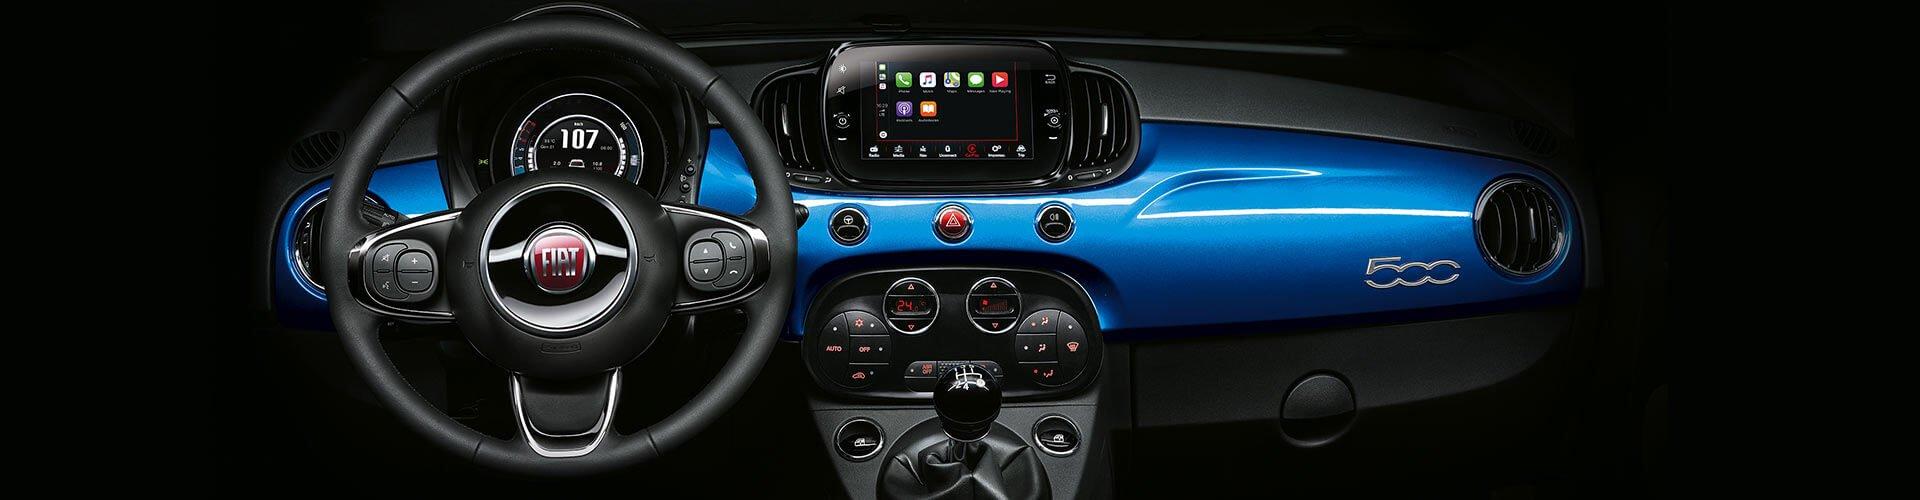 Fiat 500 Mirror Armaturenbrett blau